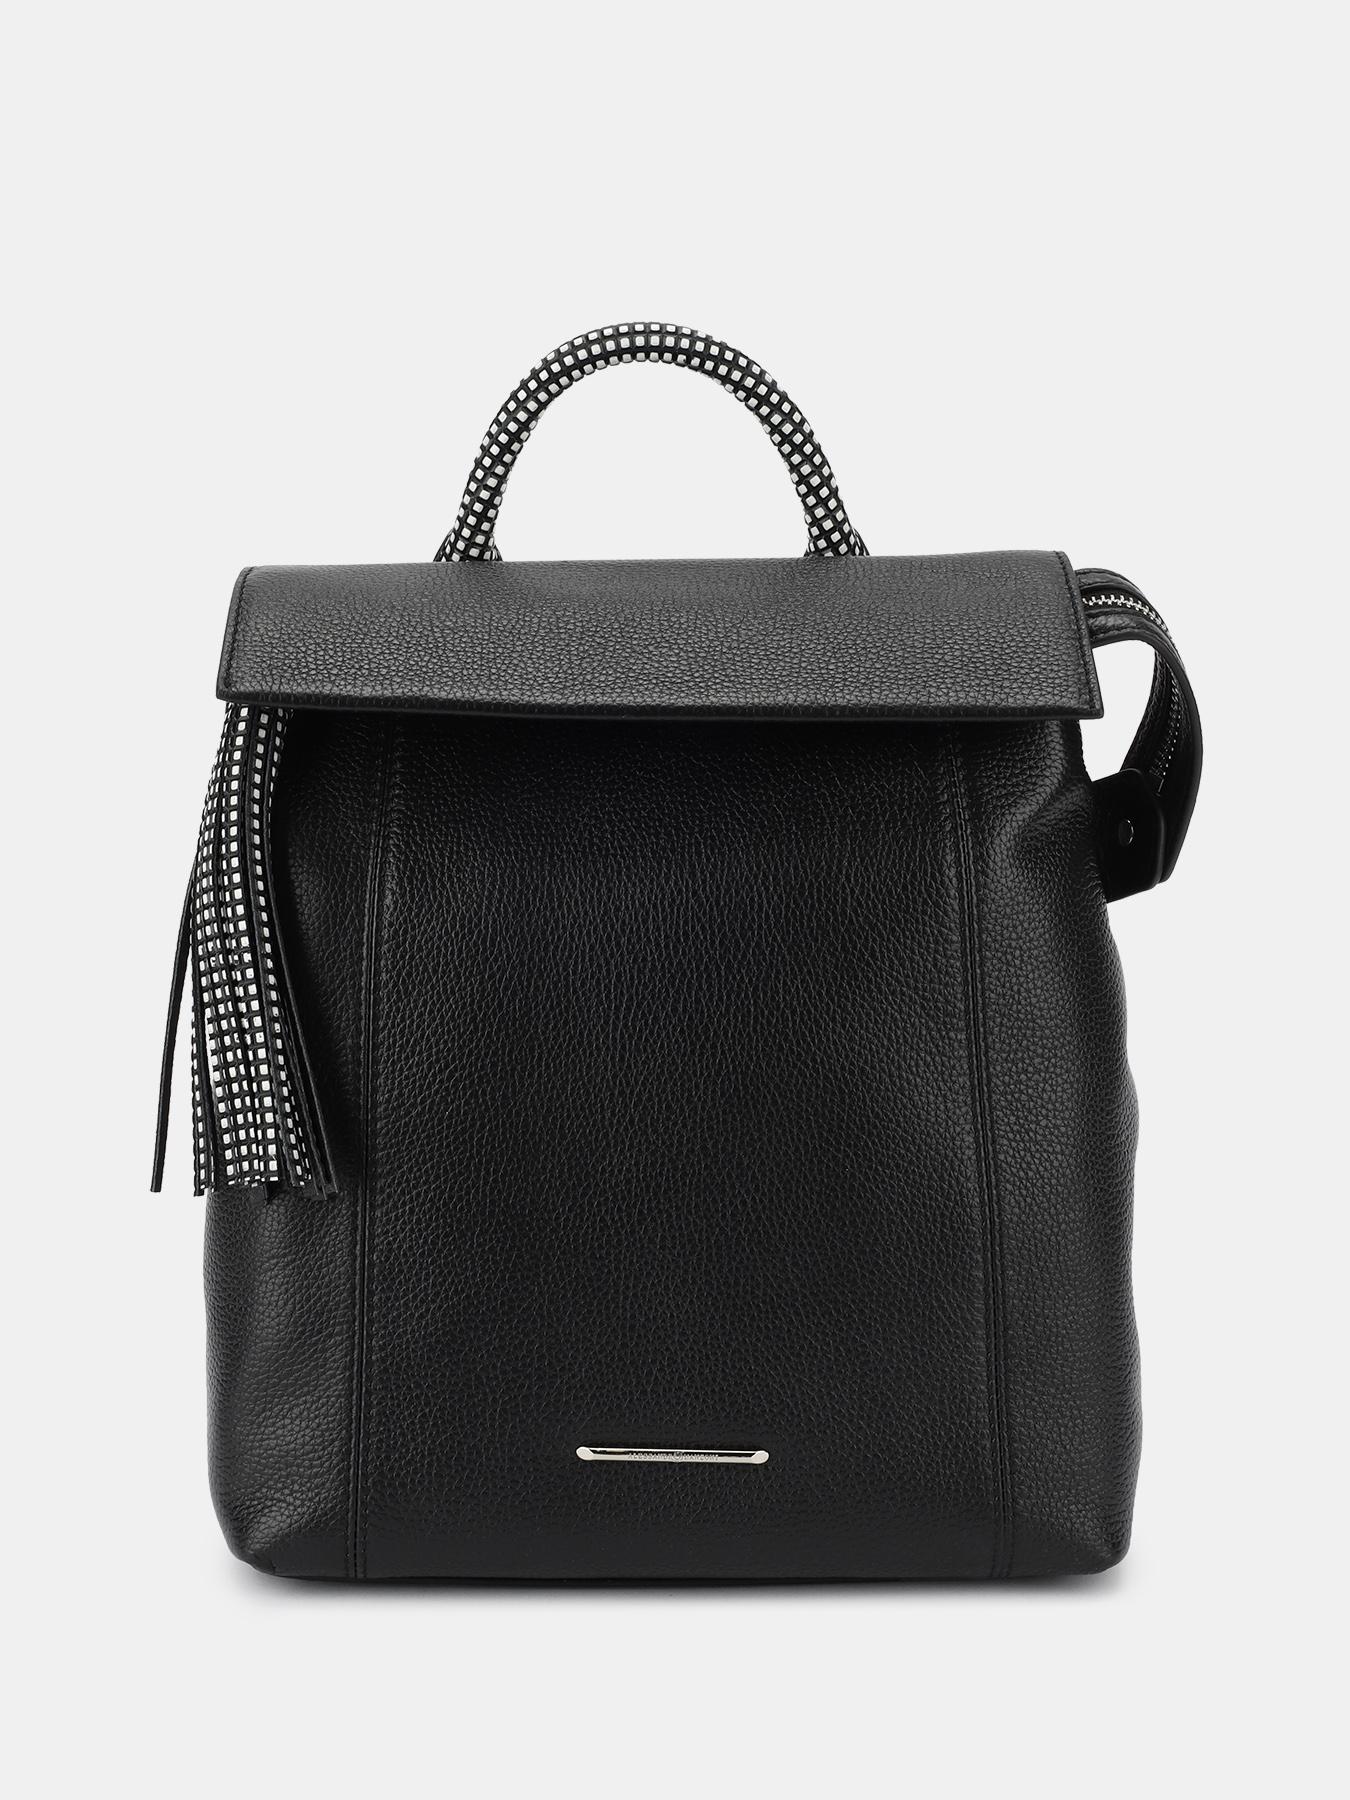 Рюкзаки Alessandro Manzoni Женский рюкзак рюкзаки orsa женский рюкзак